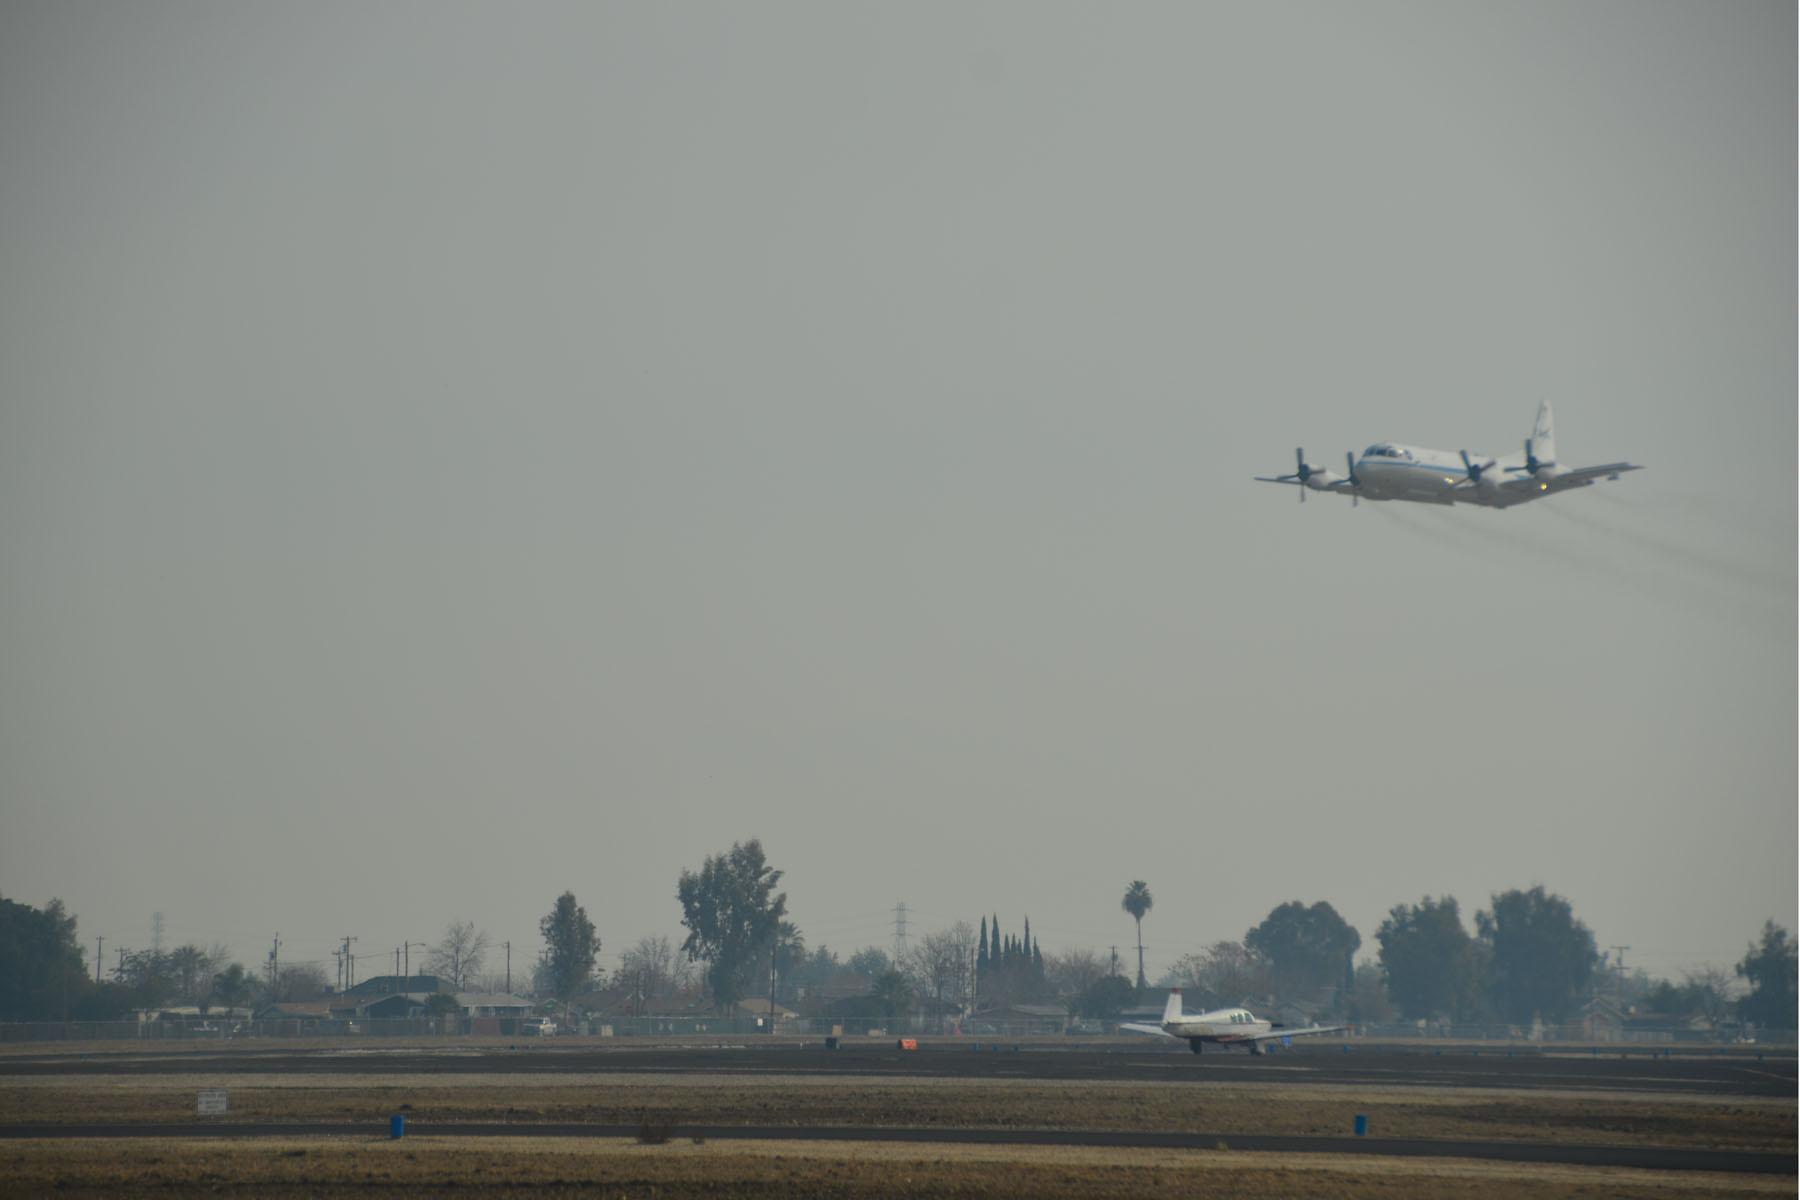 Das NASA Messflugzeug P-3B über dem Flughafen von Bakersfield in Kalifornien. Credit: NASA/Suzanne Crumeyrolle